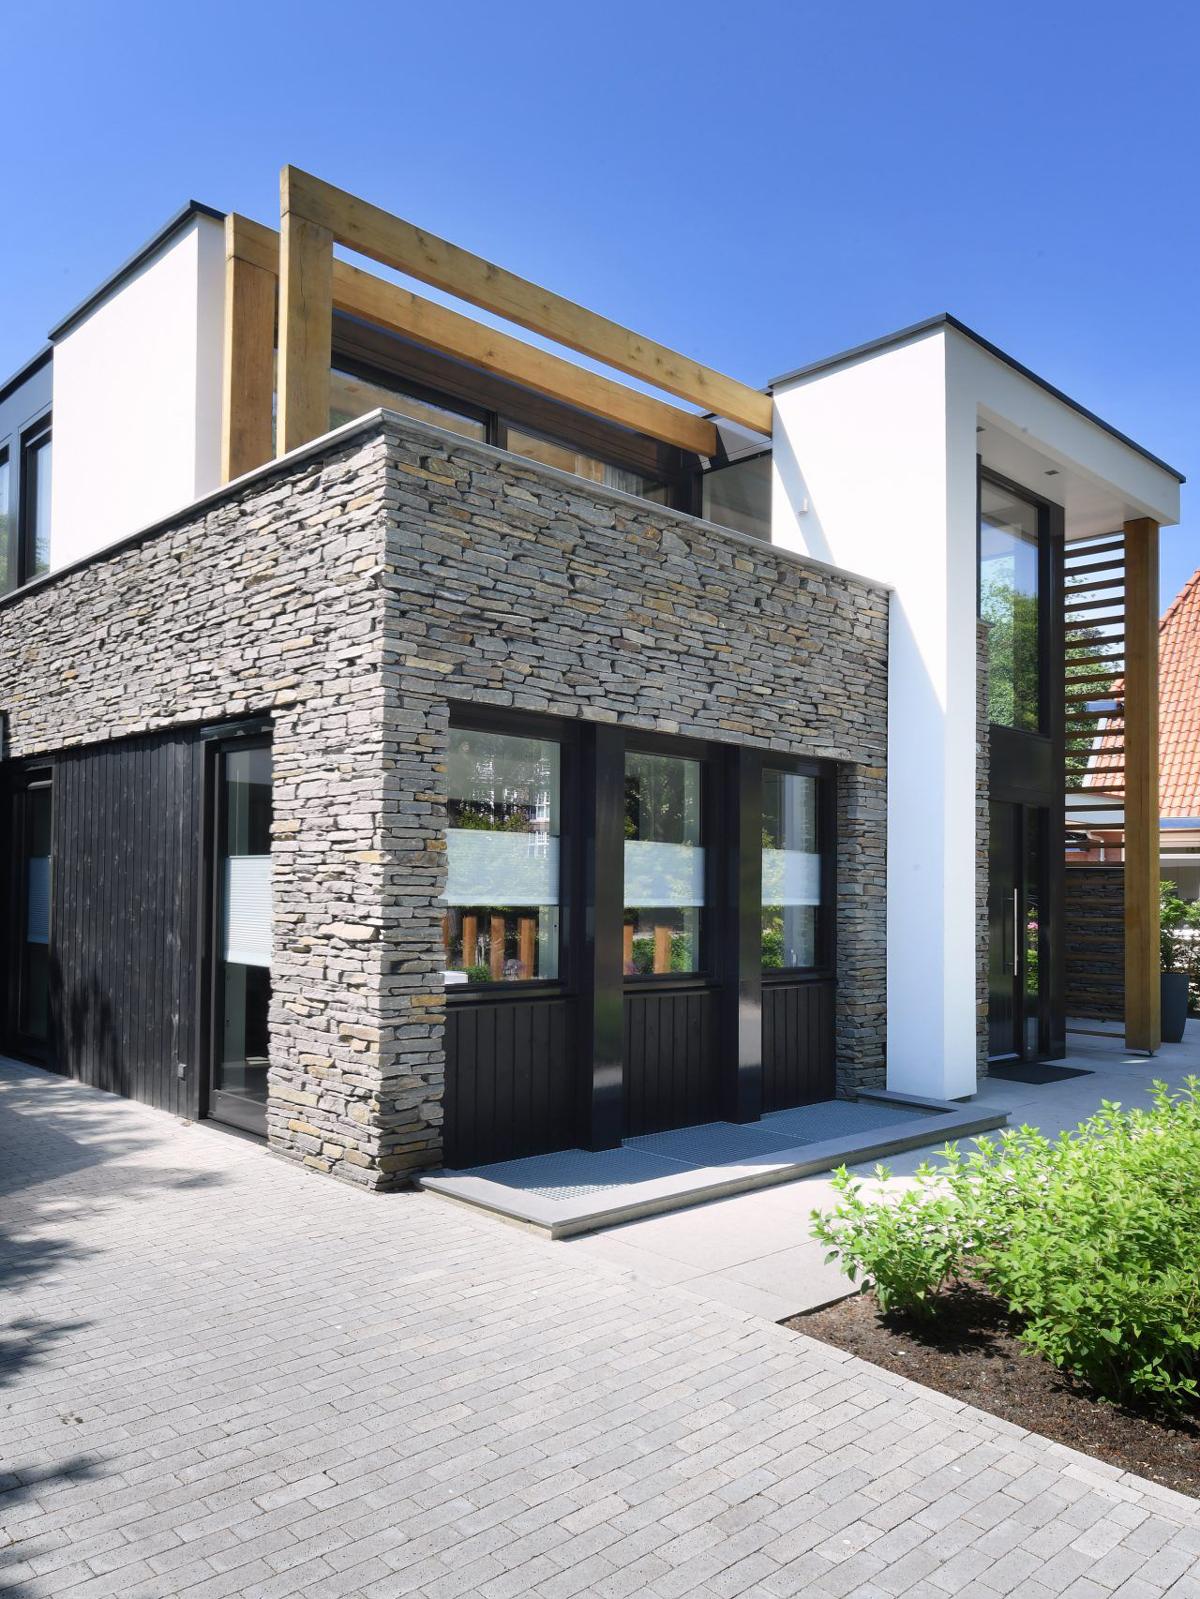 Ede, natuurgevelsteen, Natuurstenen gevel, Moderne statige villa, natuursteen